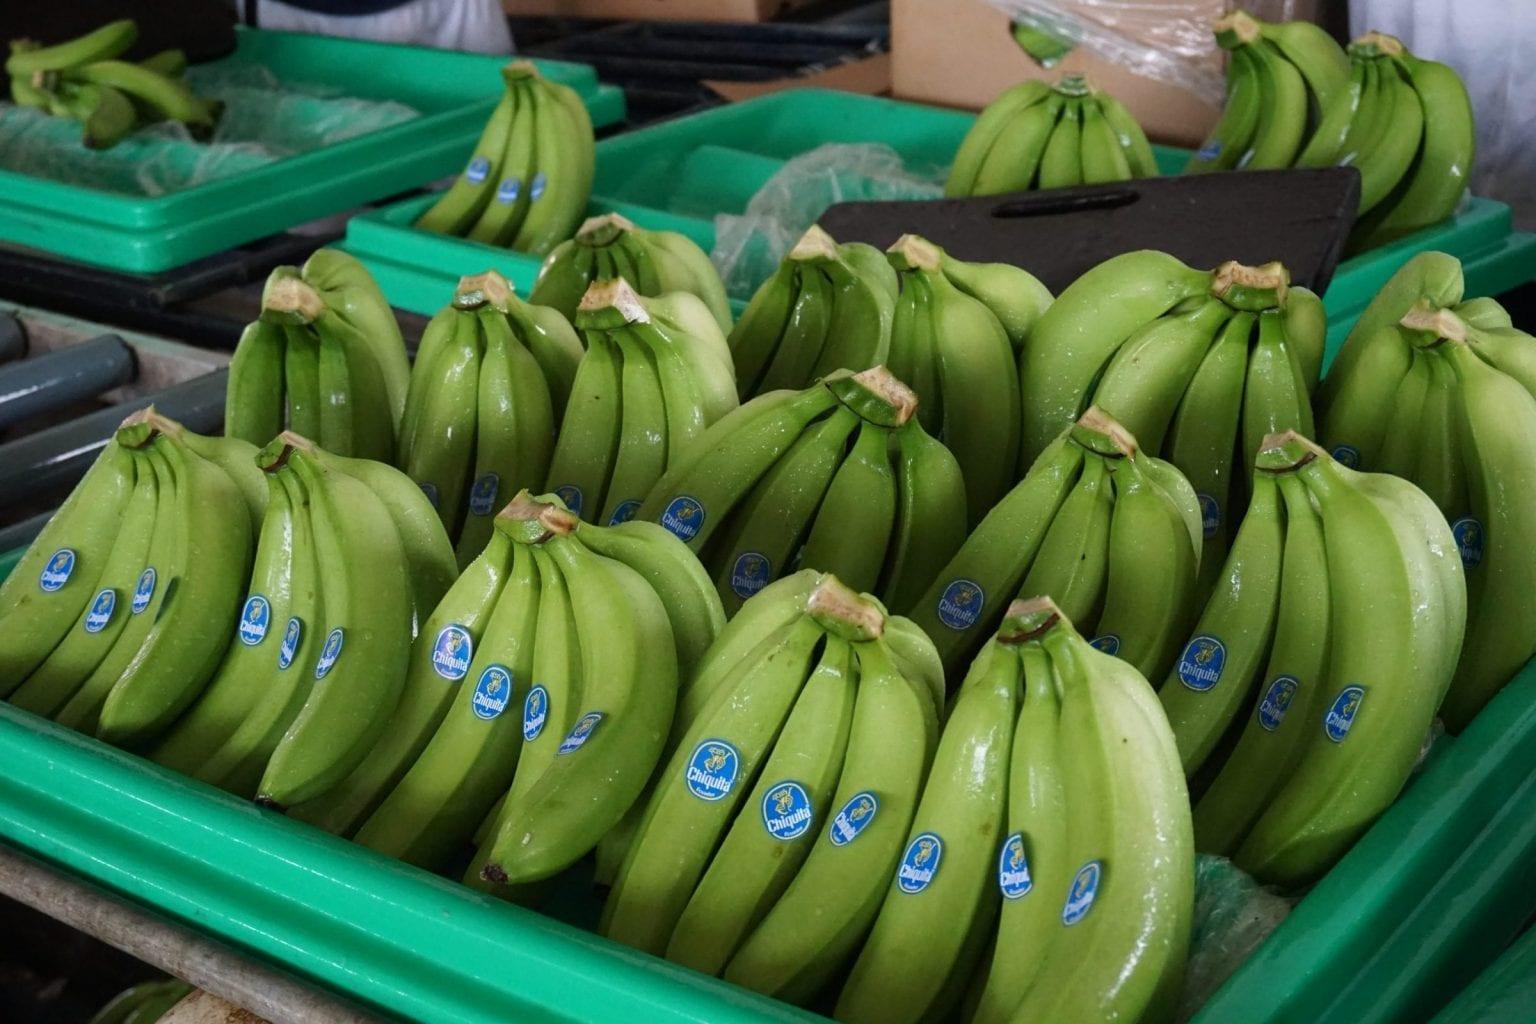 Chiquitas velkendte logo kan ses på bananerne, der produceres i området.